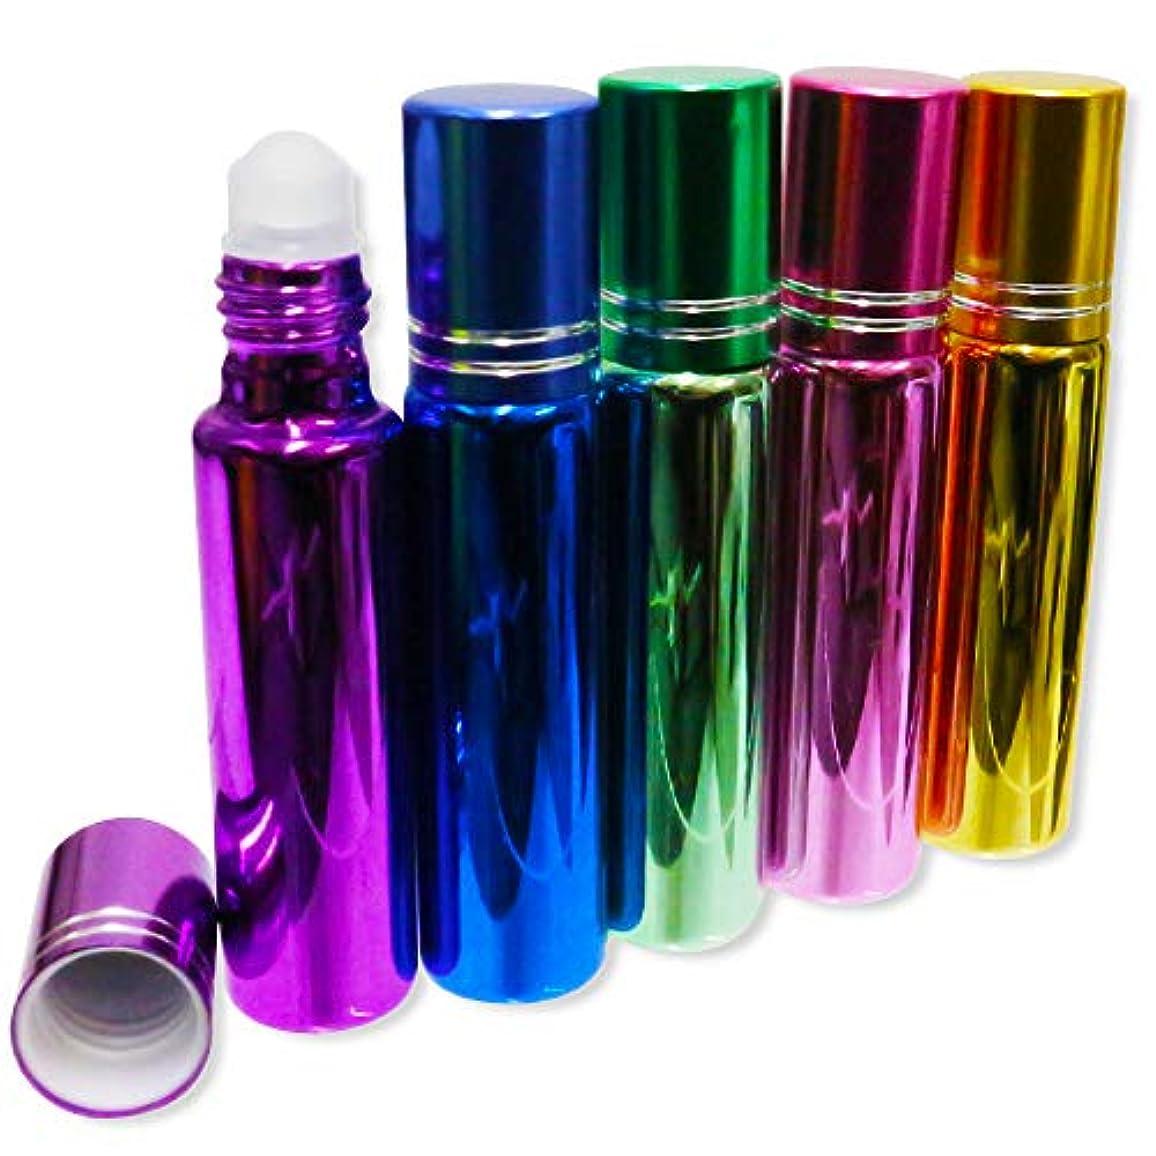 精神的に動く利用可能YUZIRO(ユズイロ)ロールオン ボトル 香水 アロマ 虫よけ 持ち歩き 容器 アトマイザー 10ml